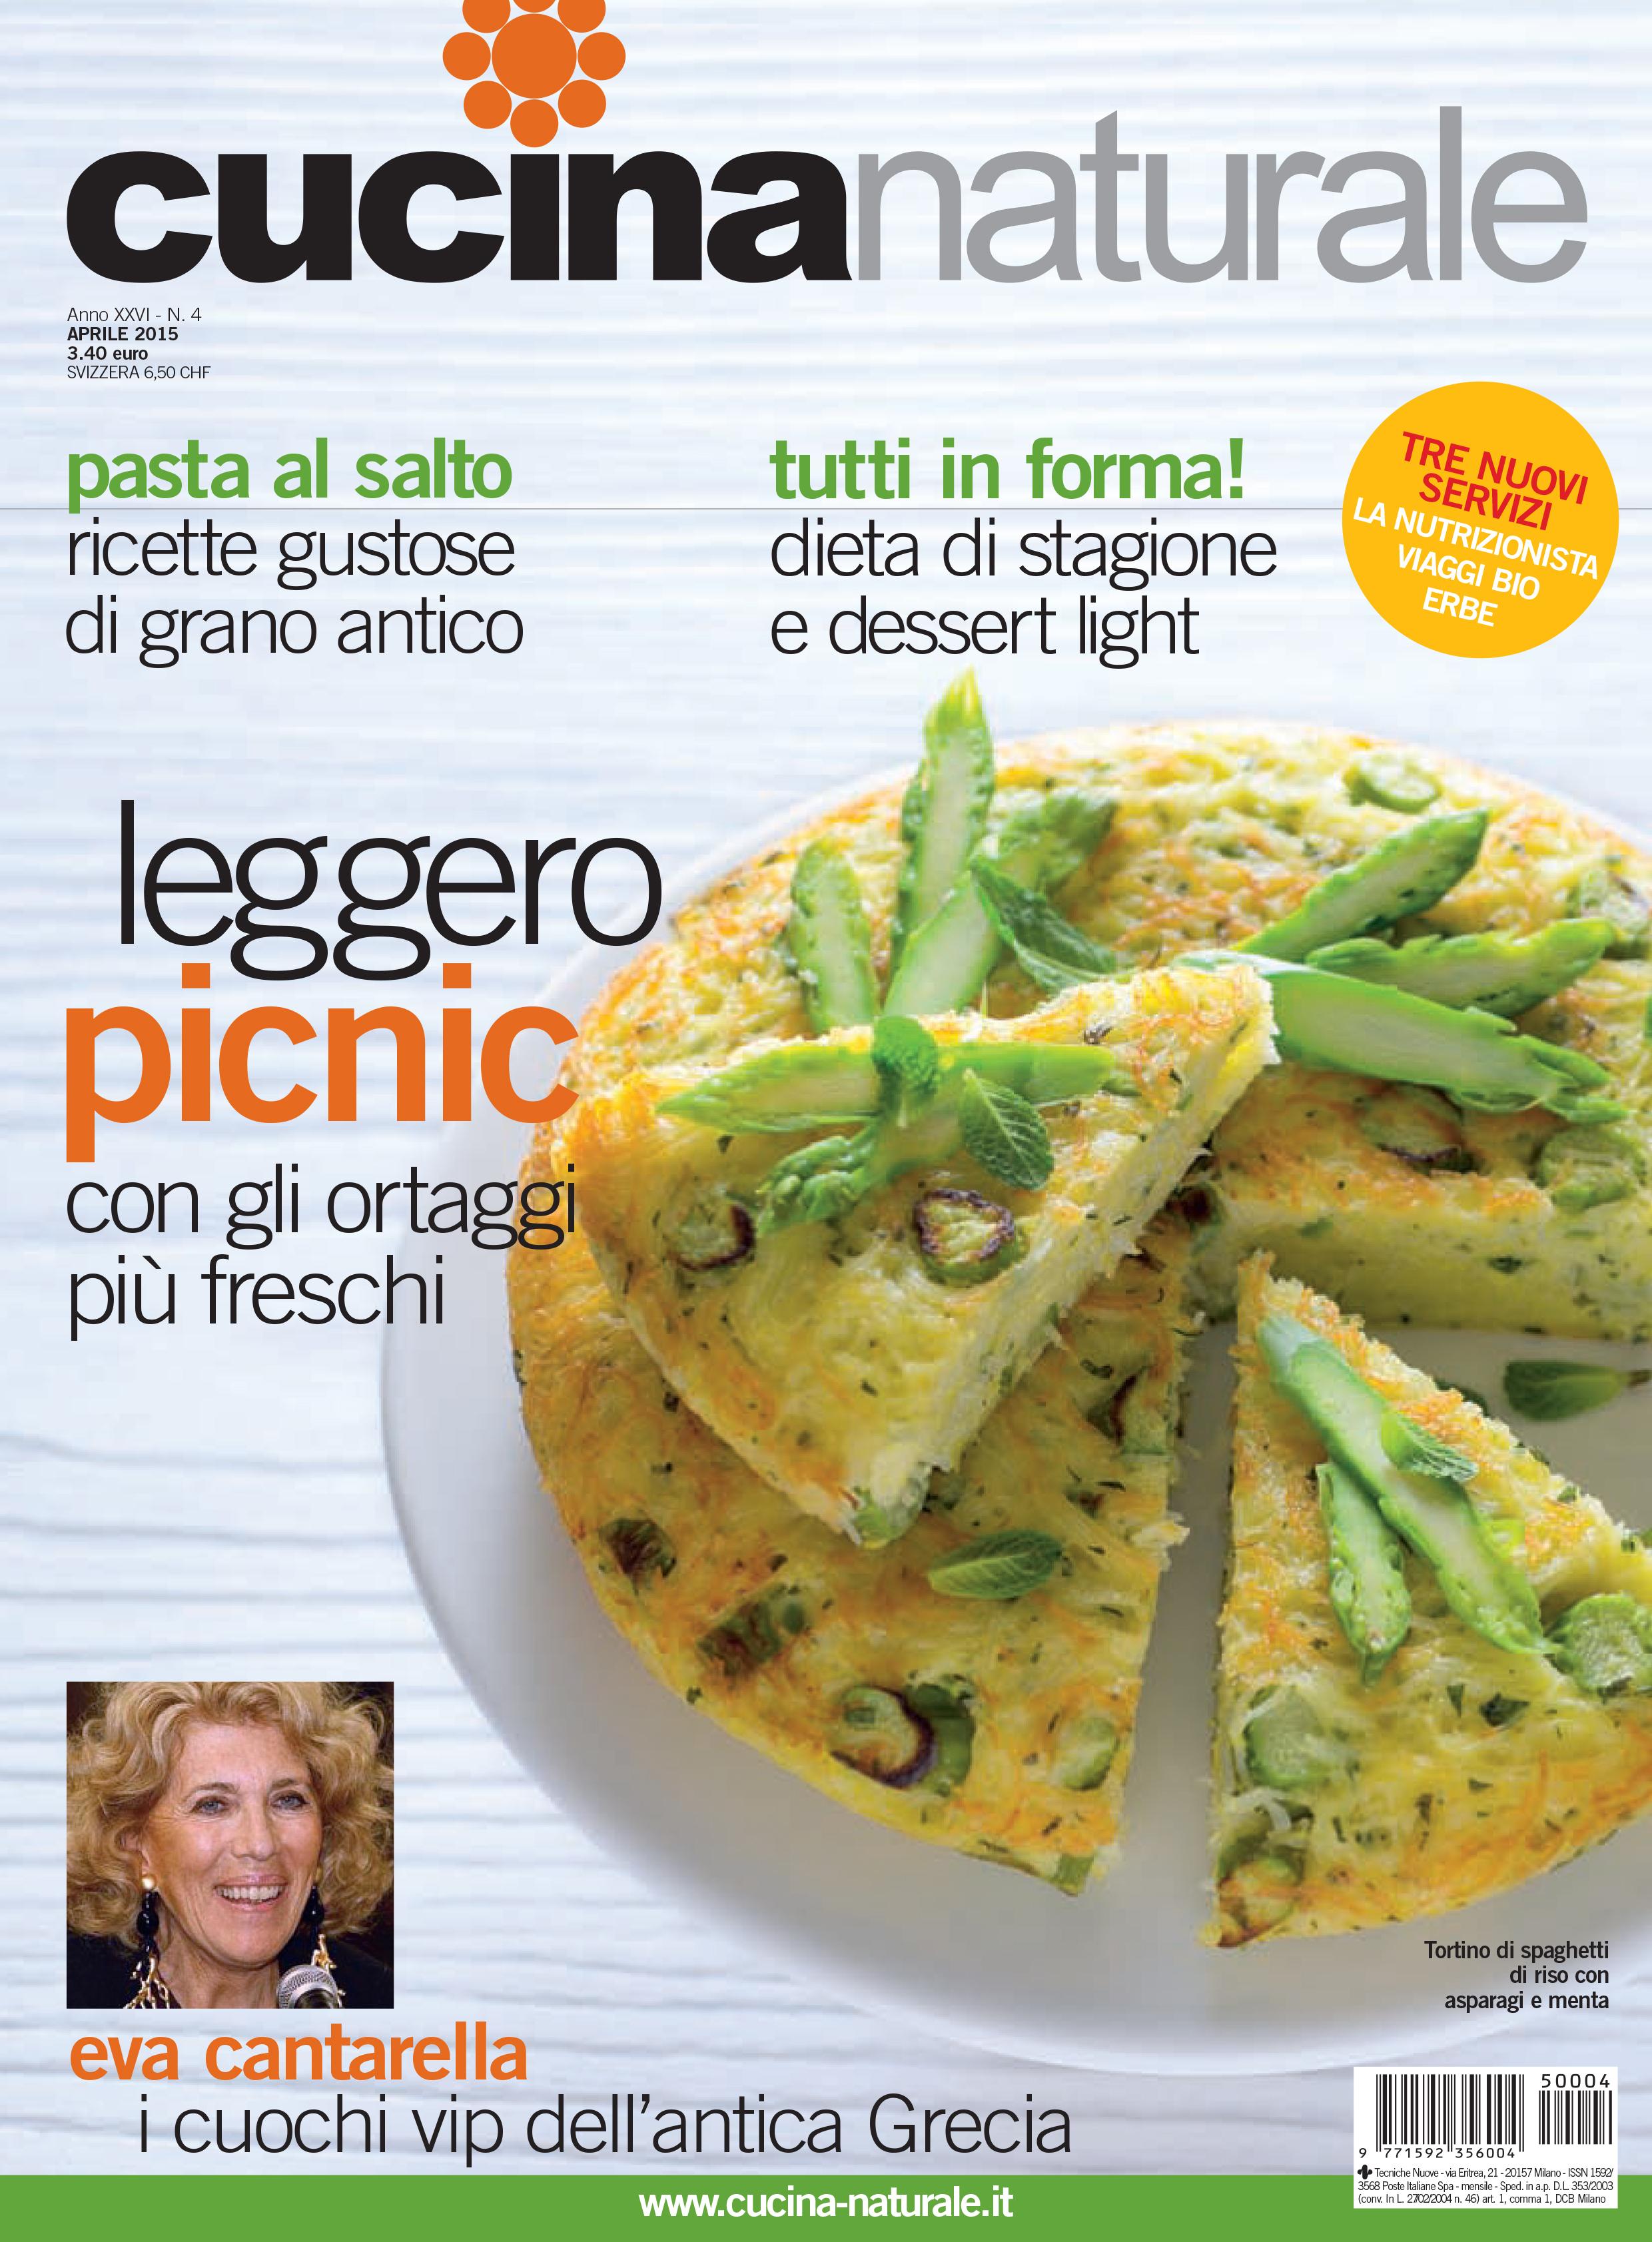 Cucina Naturale di aprile: tante ricette e 3 nuove rubriche